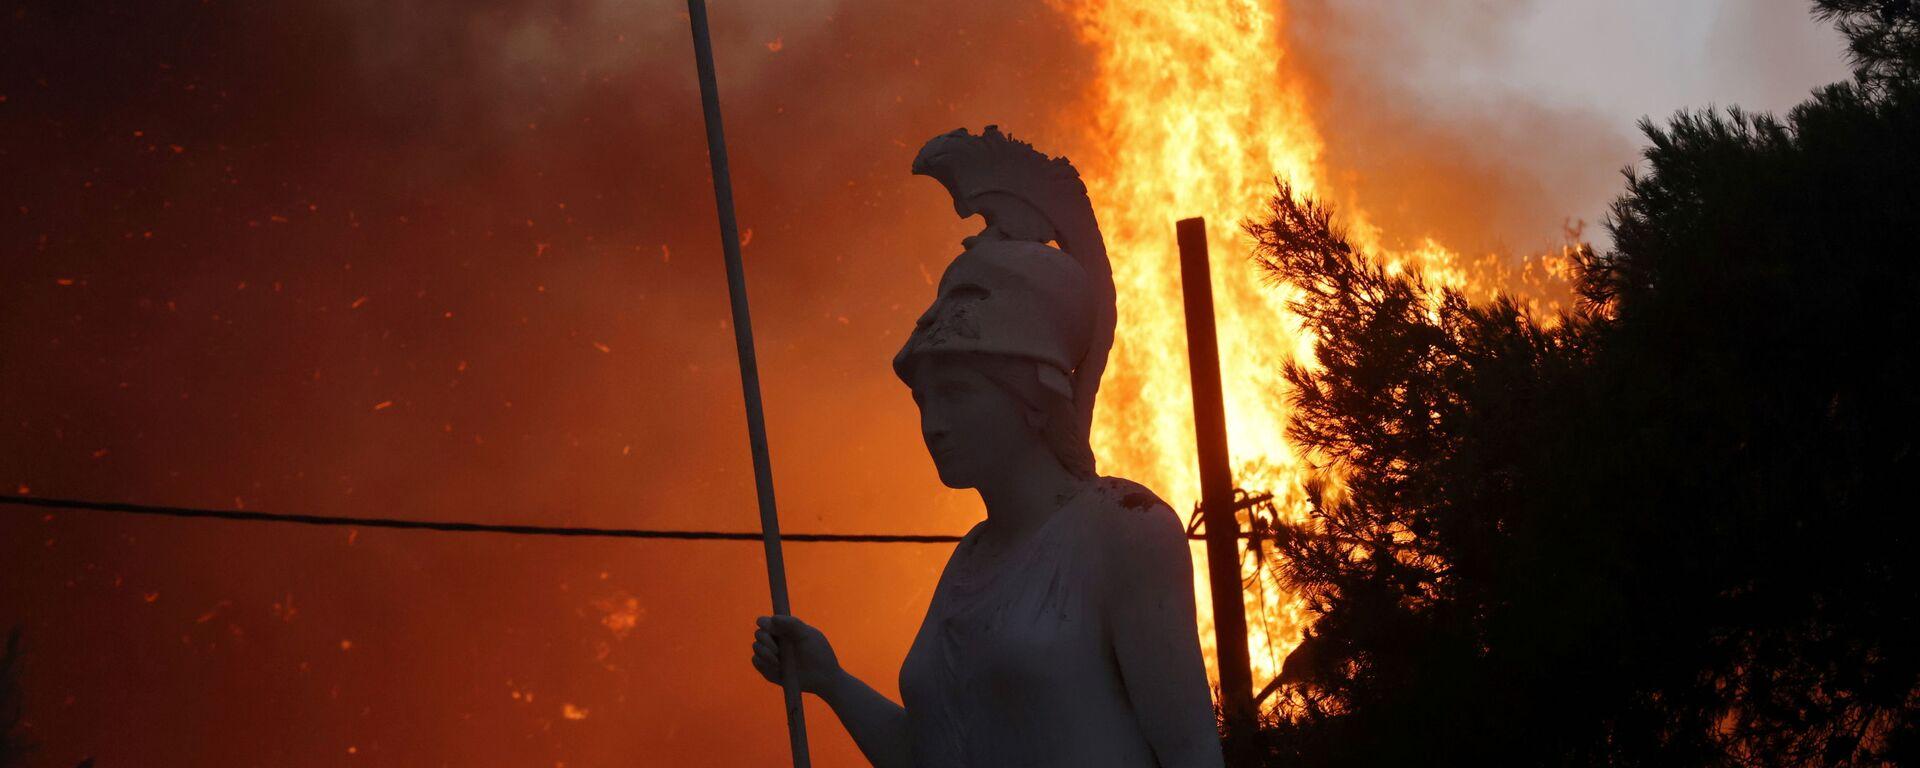 Статуя Афины на фоне природных пожаров в северном пригороде Афин  - Sputnik Mundo, 1920, 04.08.2021